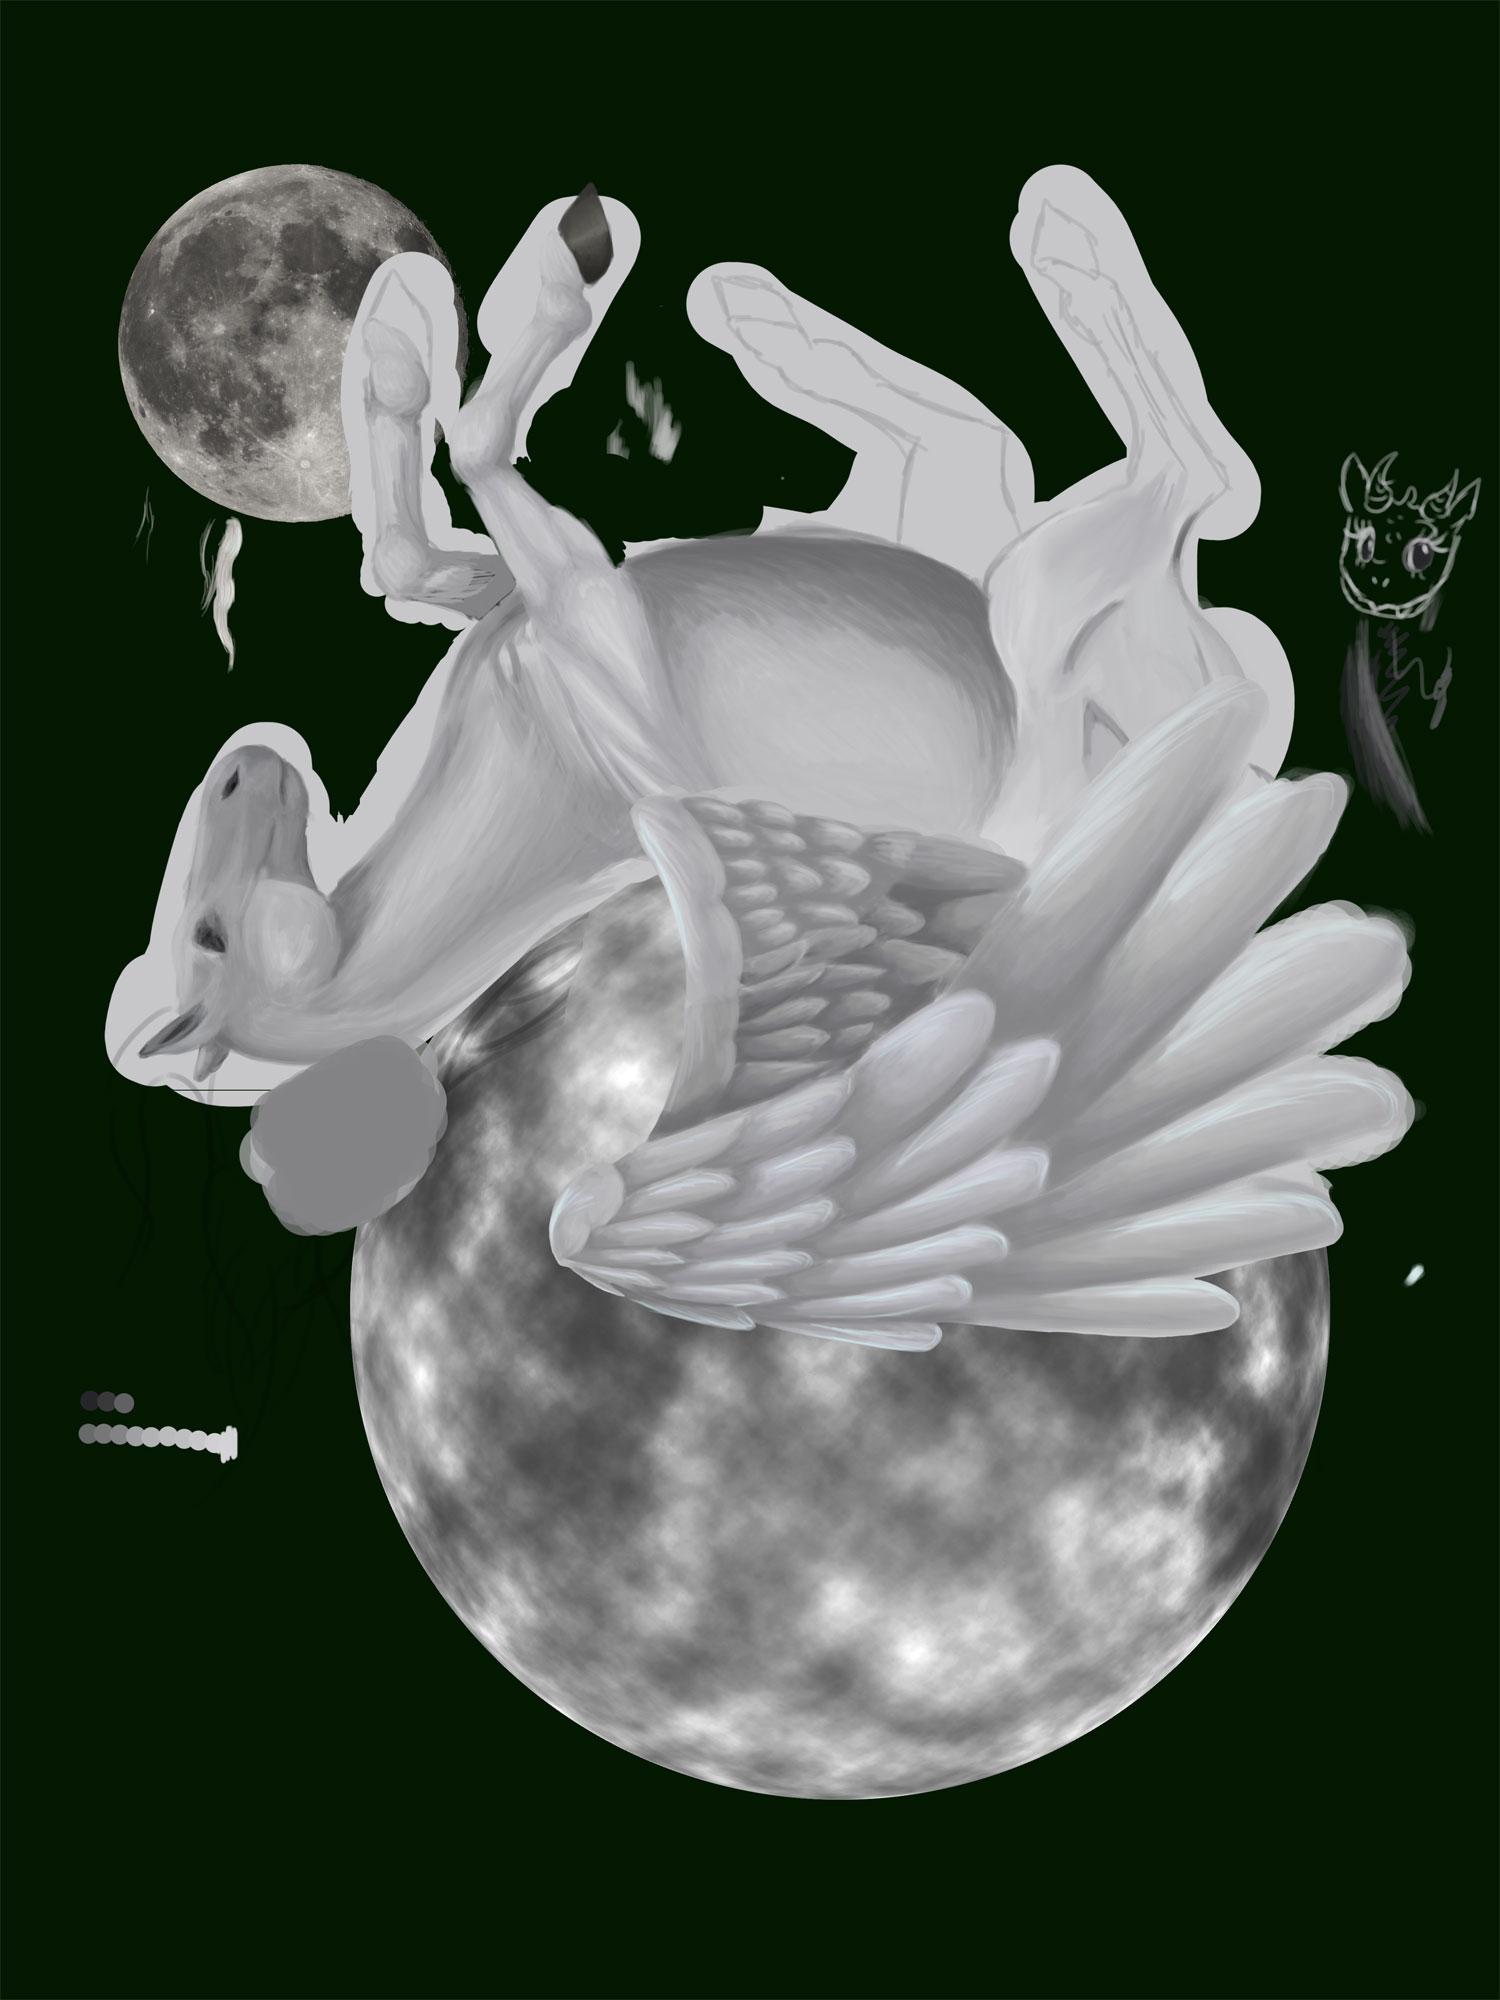 dessin d'un pégase sur la lune